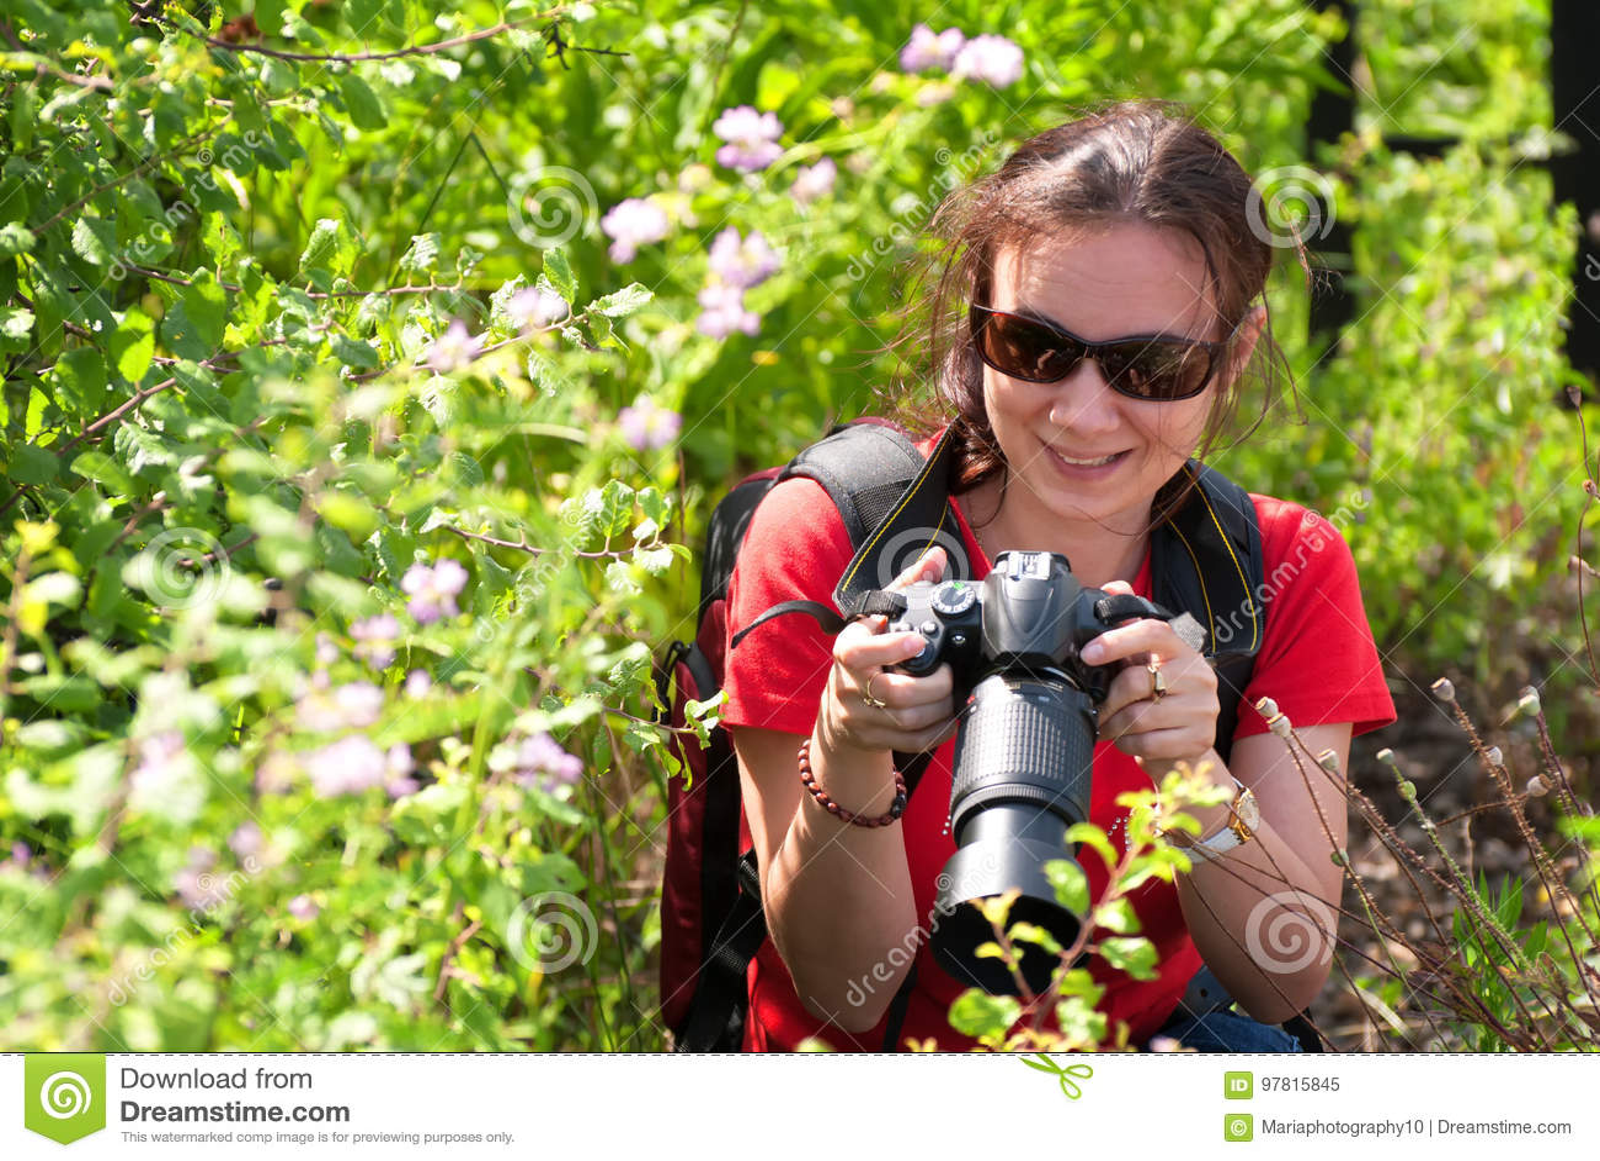 Kvinnafotograf i natur